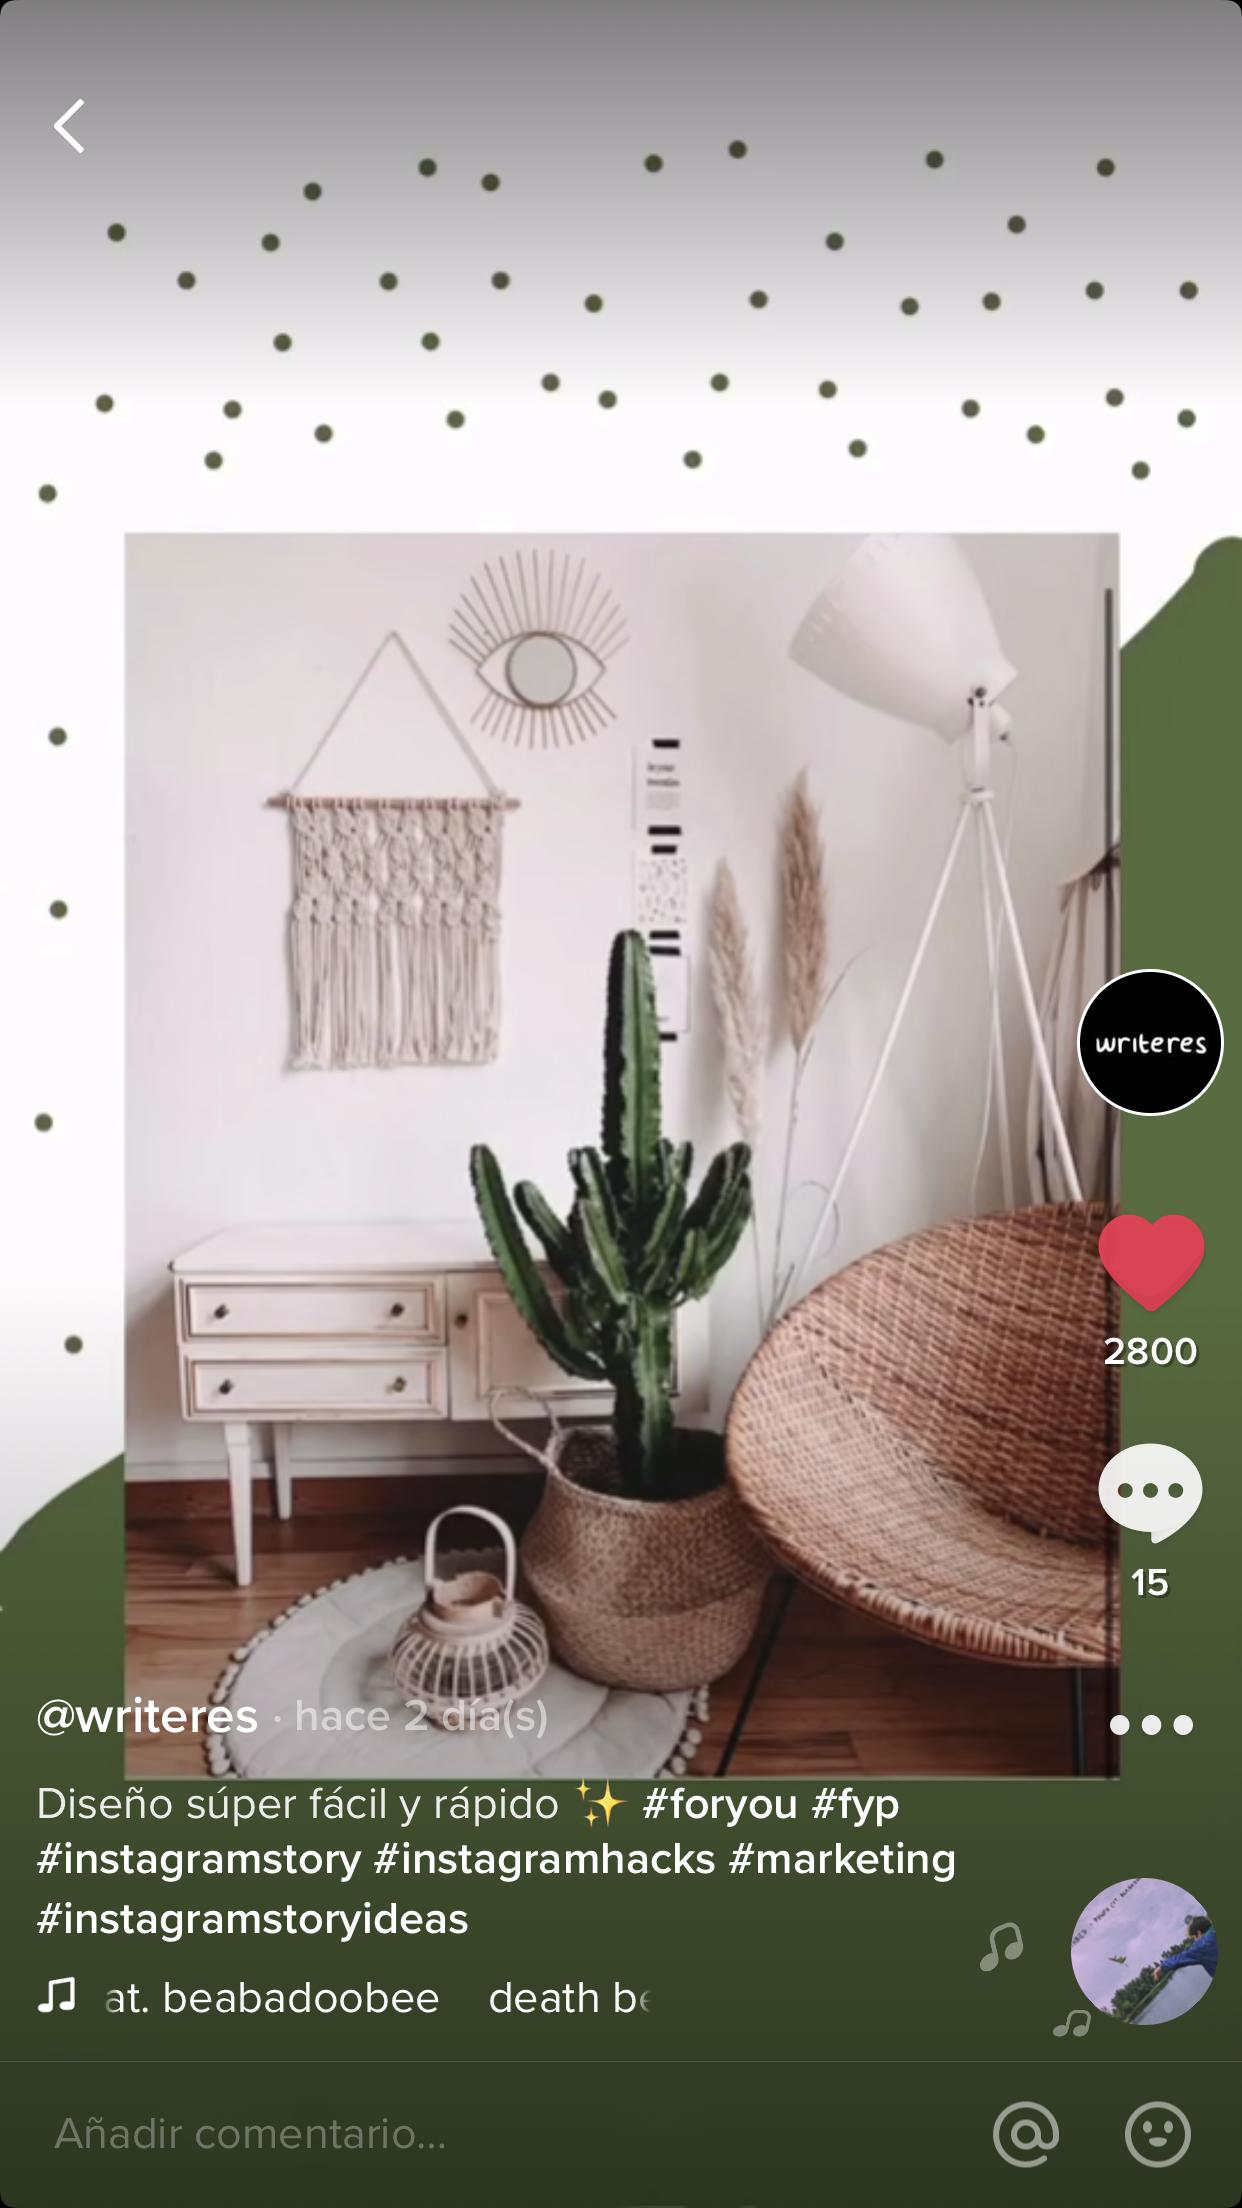 Ideas Fáciles De Diseños Para Instagram Stories Instagram Story Ideas Decor Instagram Story